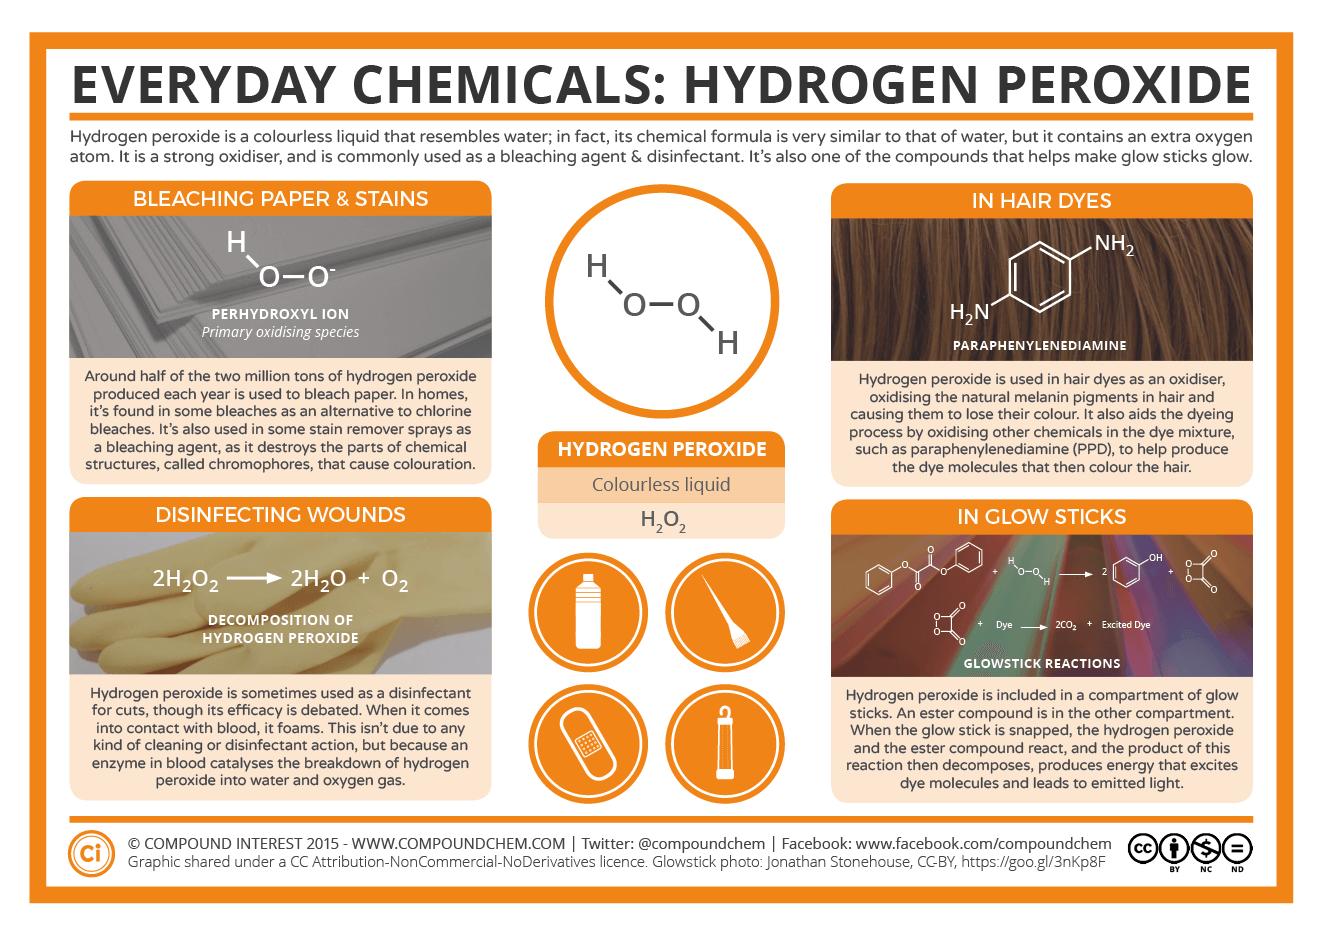 Hydrogen Peroxide: Hair Dye, Glow Sticks & Rocket Fuels